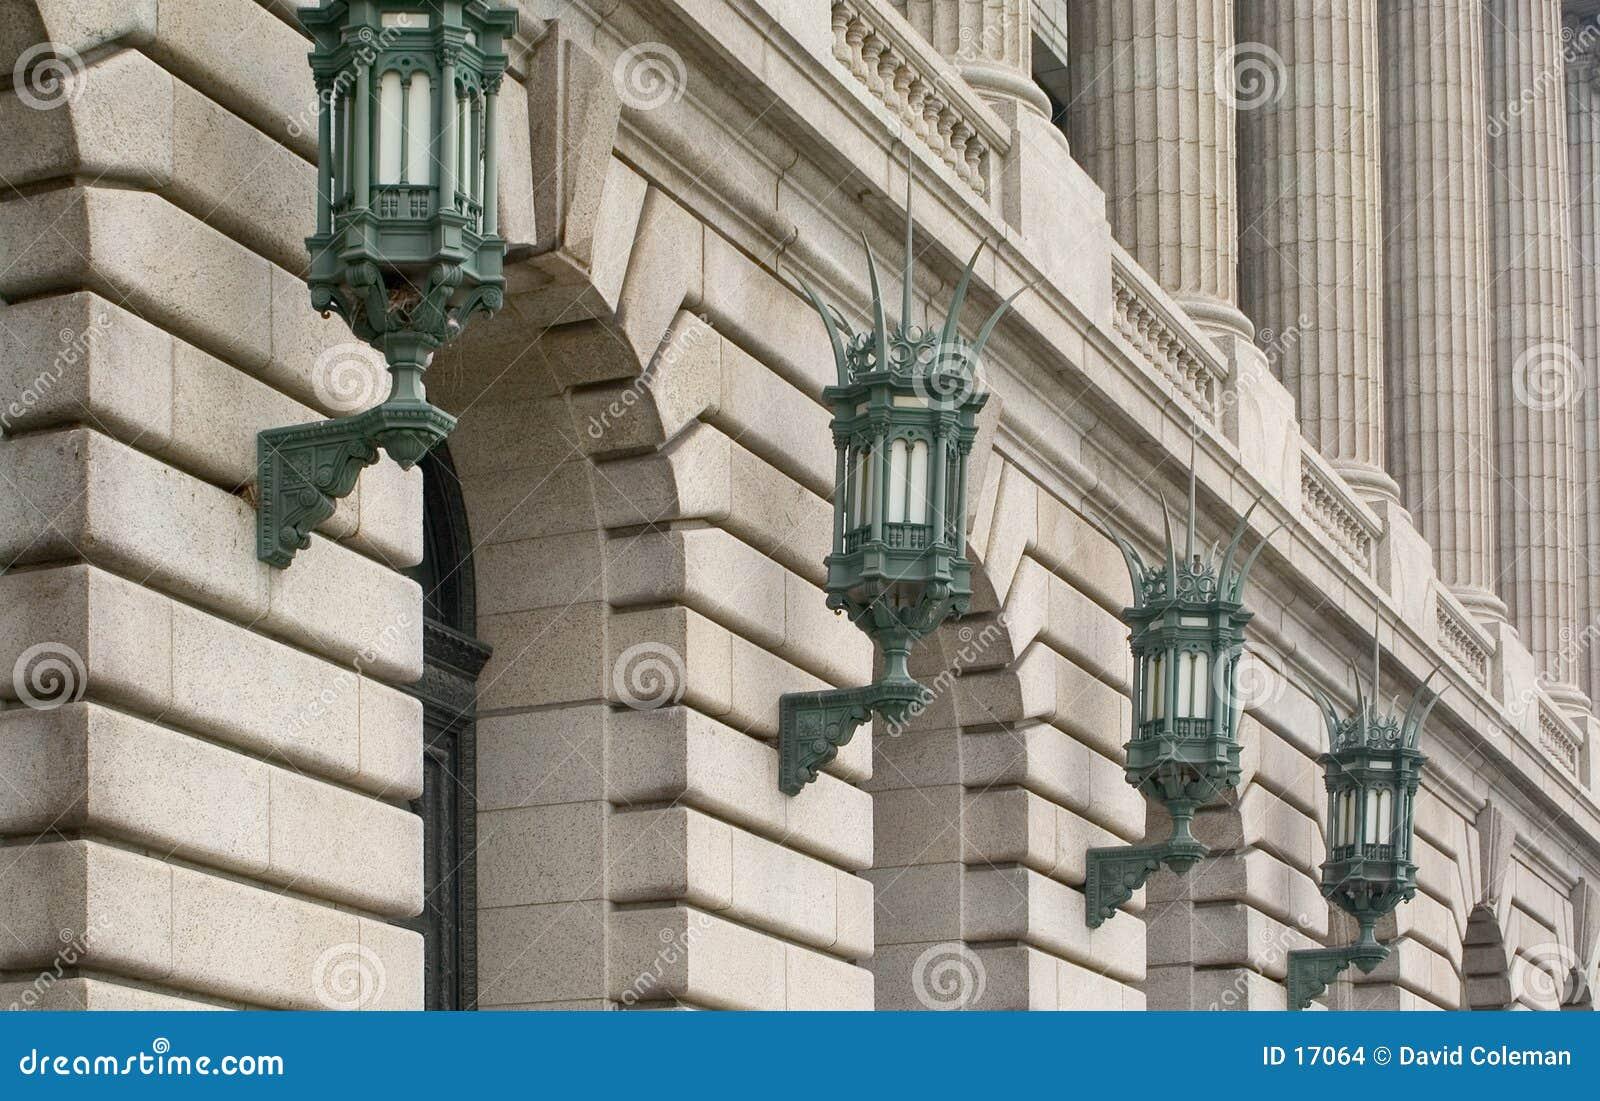 Iluminação arquitectónica